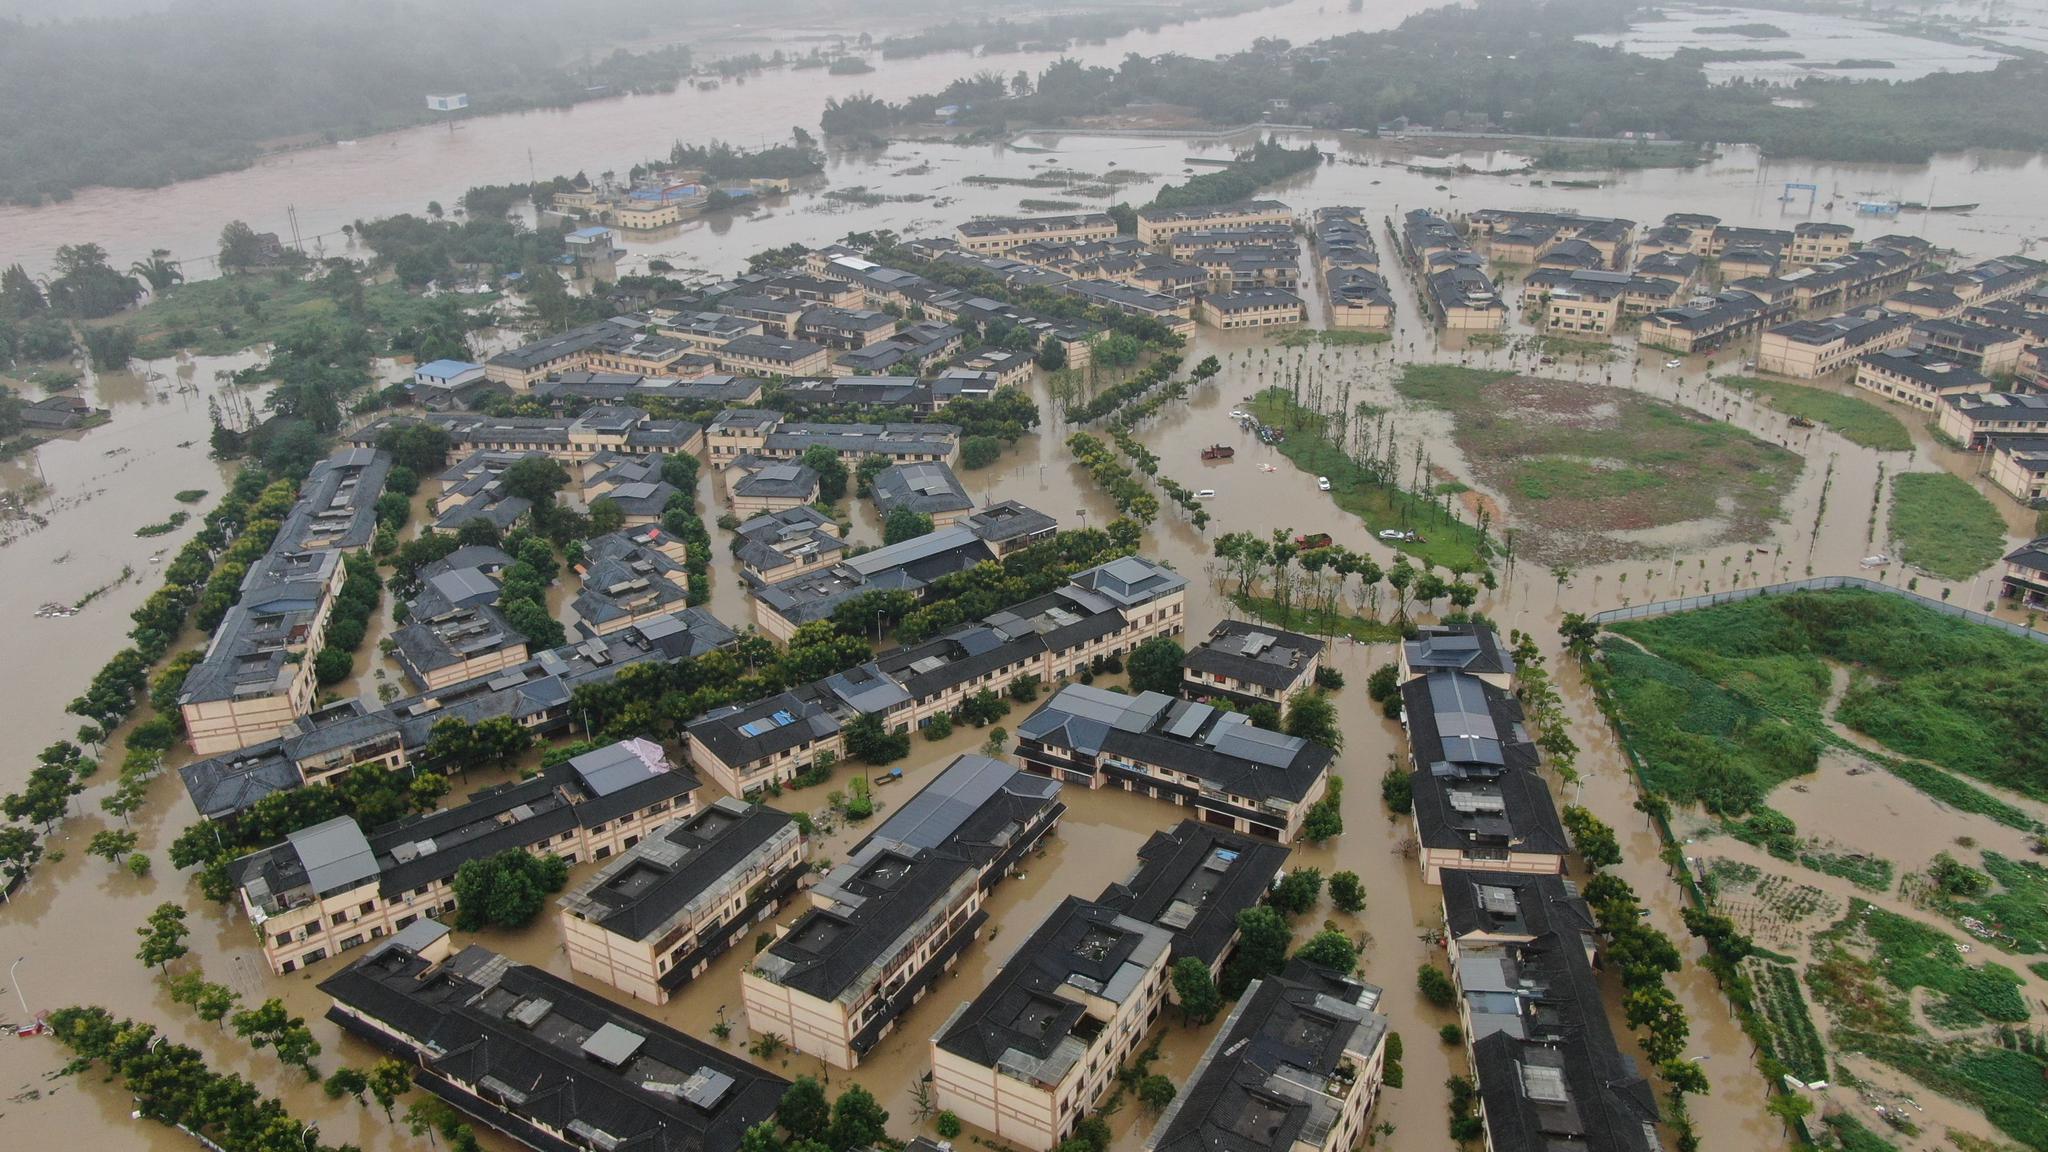 8月17日,眉山市因受持续暴雨影响,有大片房屋和农田被淹。眉山市消防救援支队供图